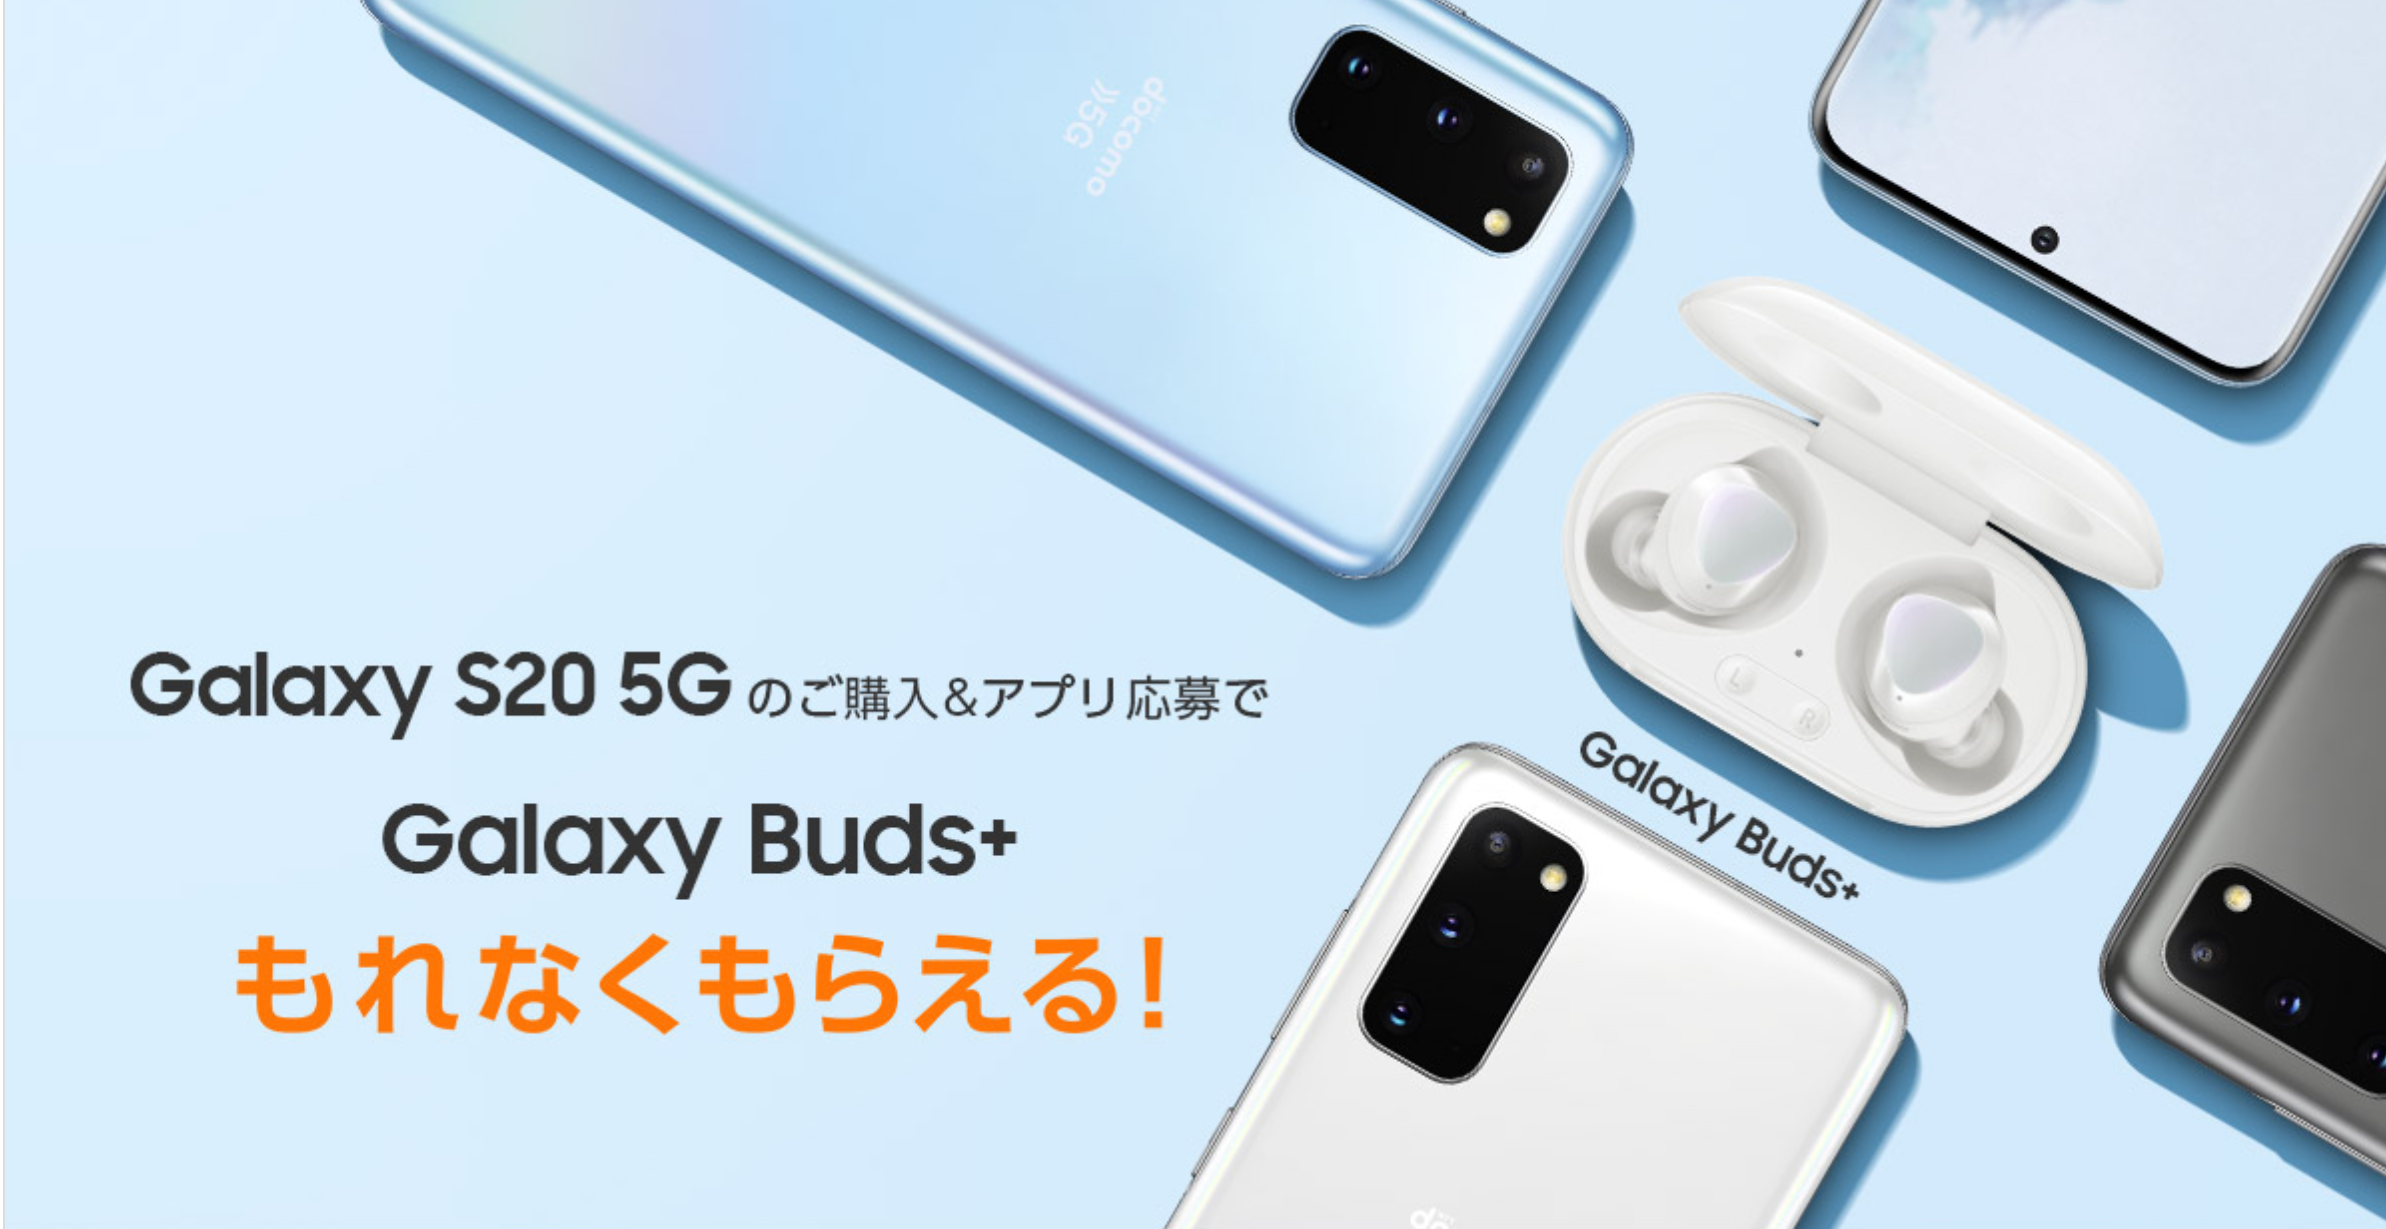 ドコモオンラインショップ_機種変更_流れ_キャンペーン_Galaxy S20 5G購入キャンペーン